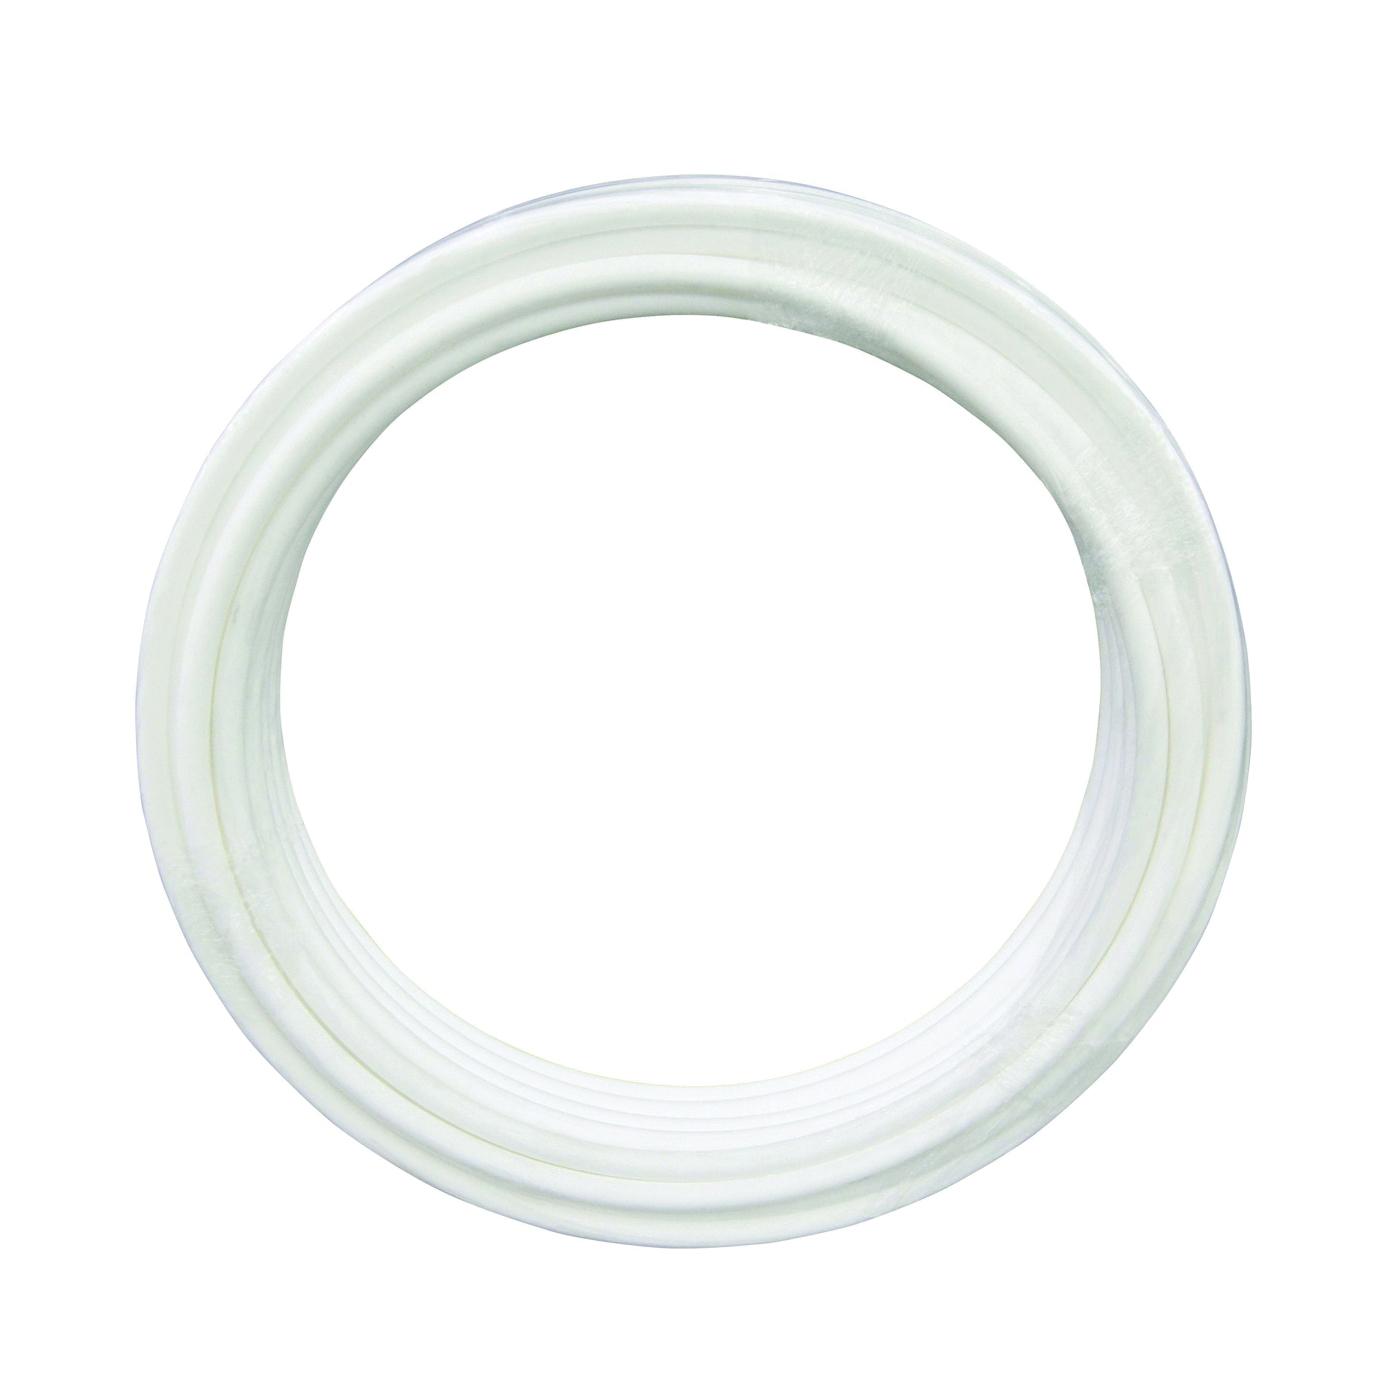 Picture of Apollo APPW50012 PEX-B Pipe, 1/2 in, White, 500 ft L